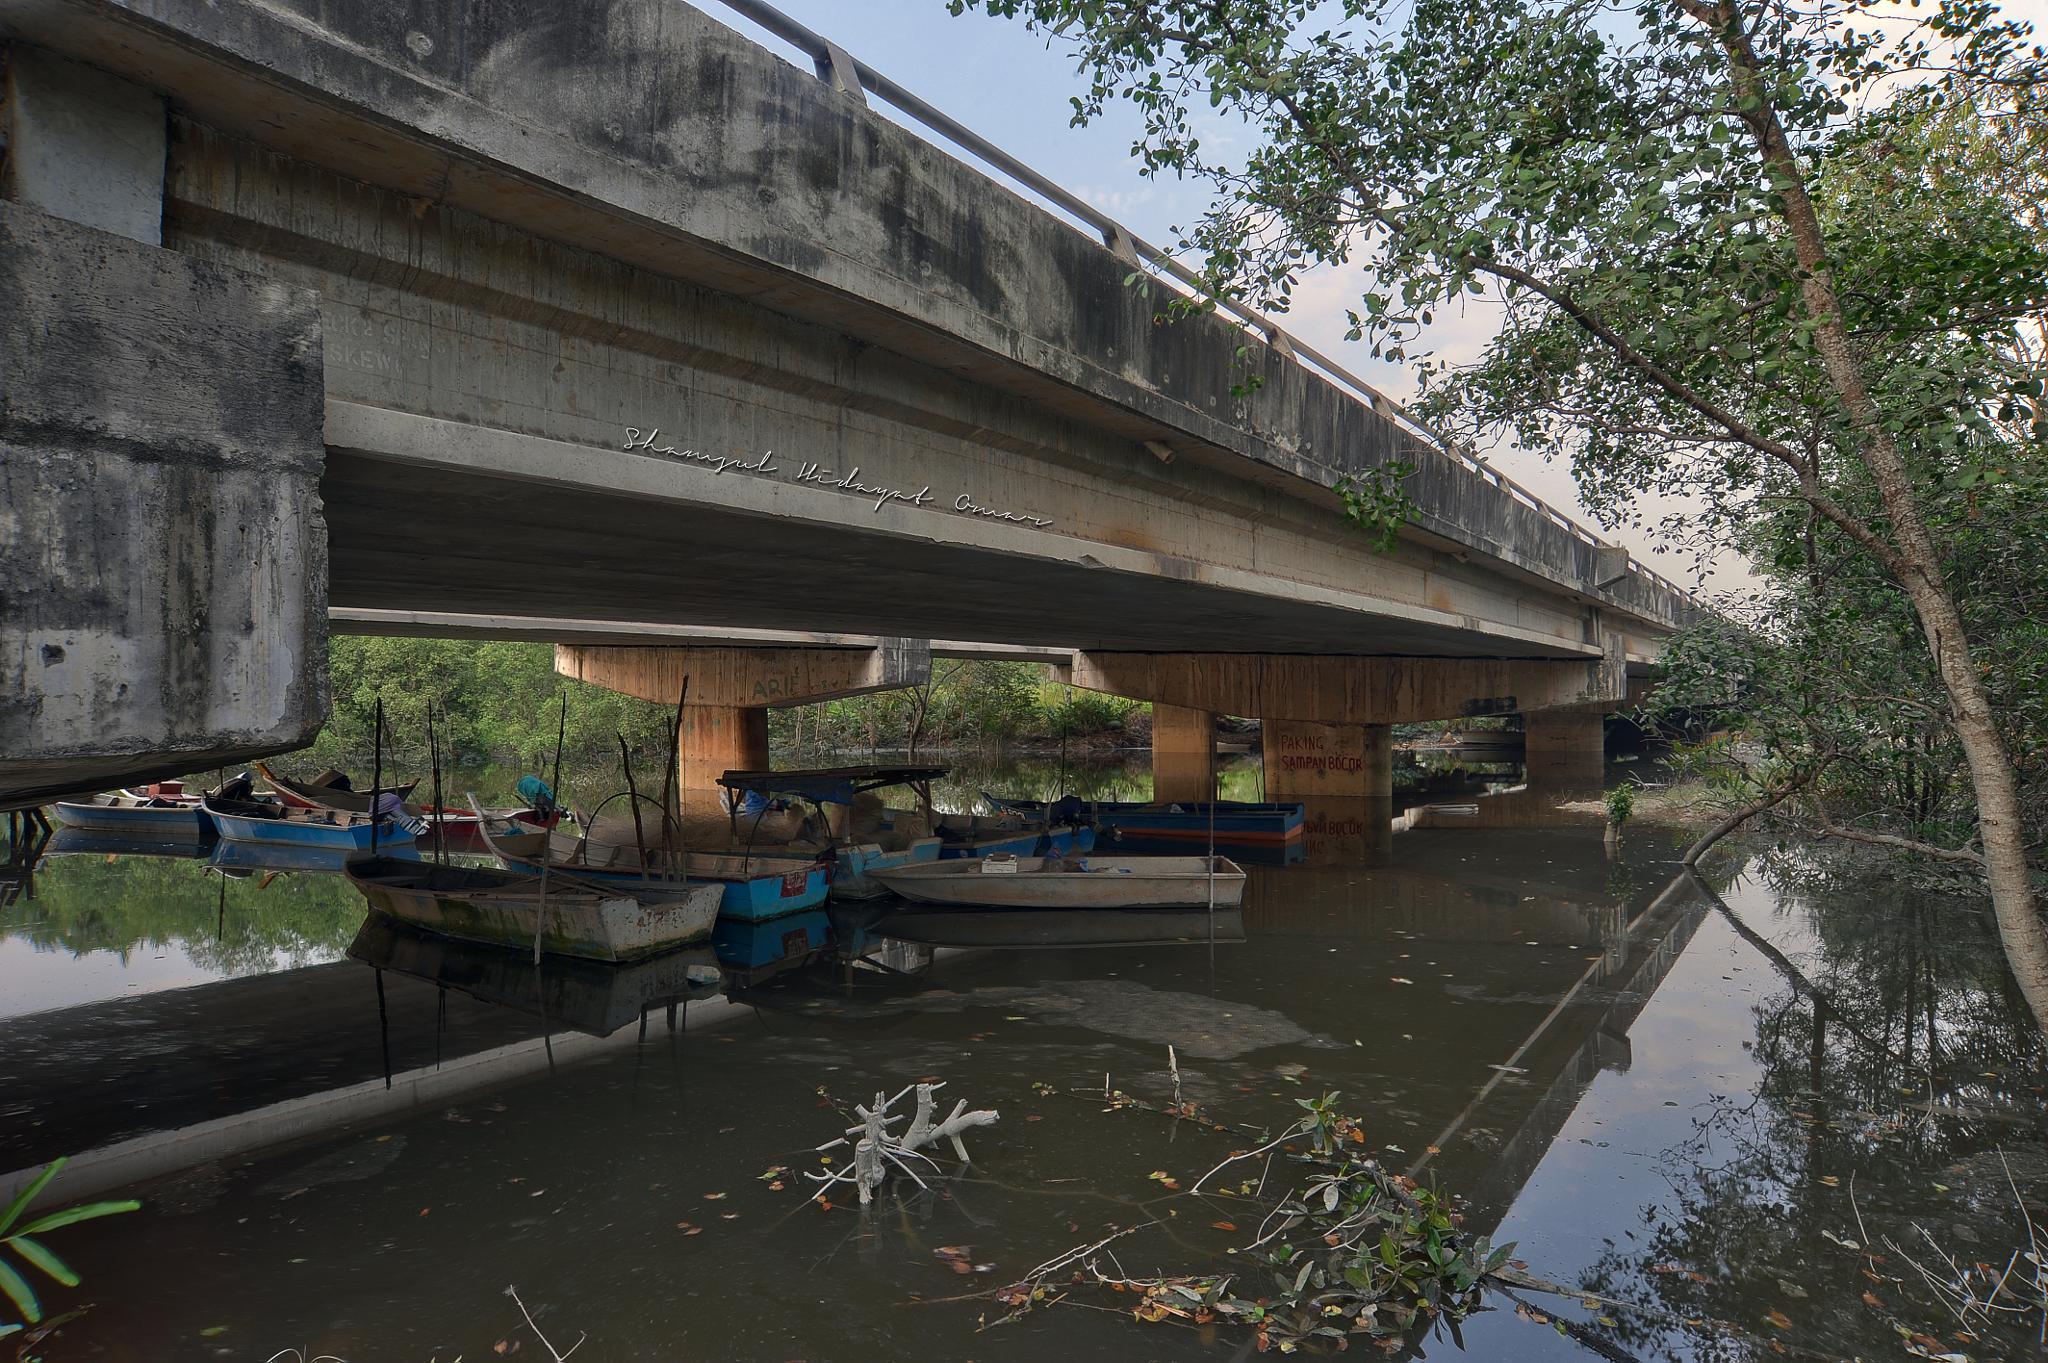 Pengkalan Nelayan Kunci Air Rantau Panjang ( Scene 1 ) by ShamsulHidayatOmar